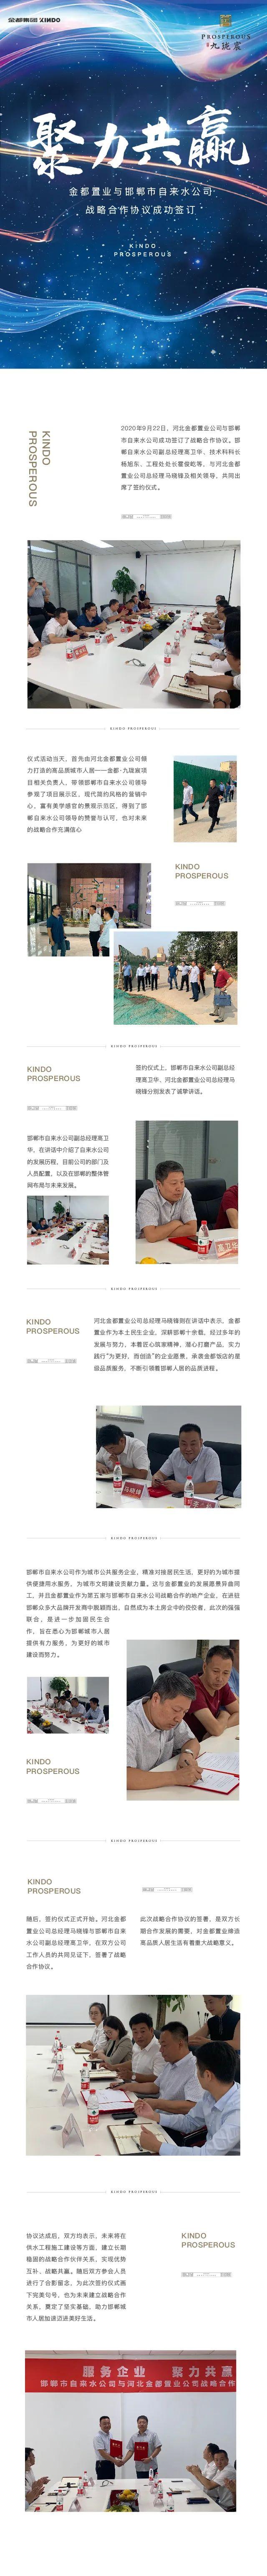 金都置业与邯郸市自来水公司战略合作协议成功签订